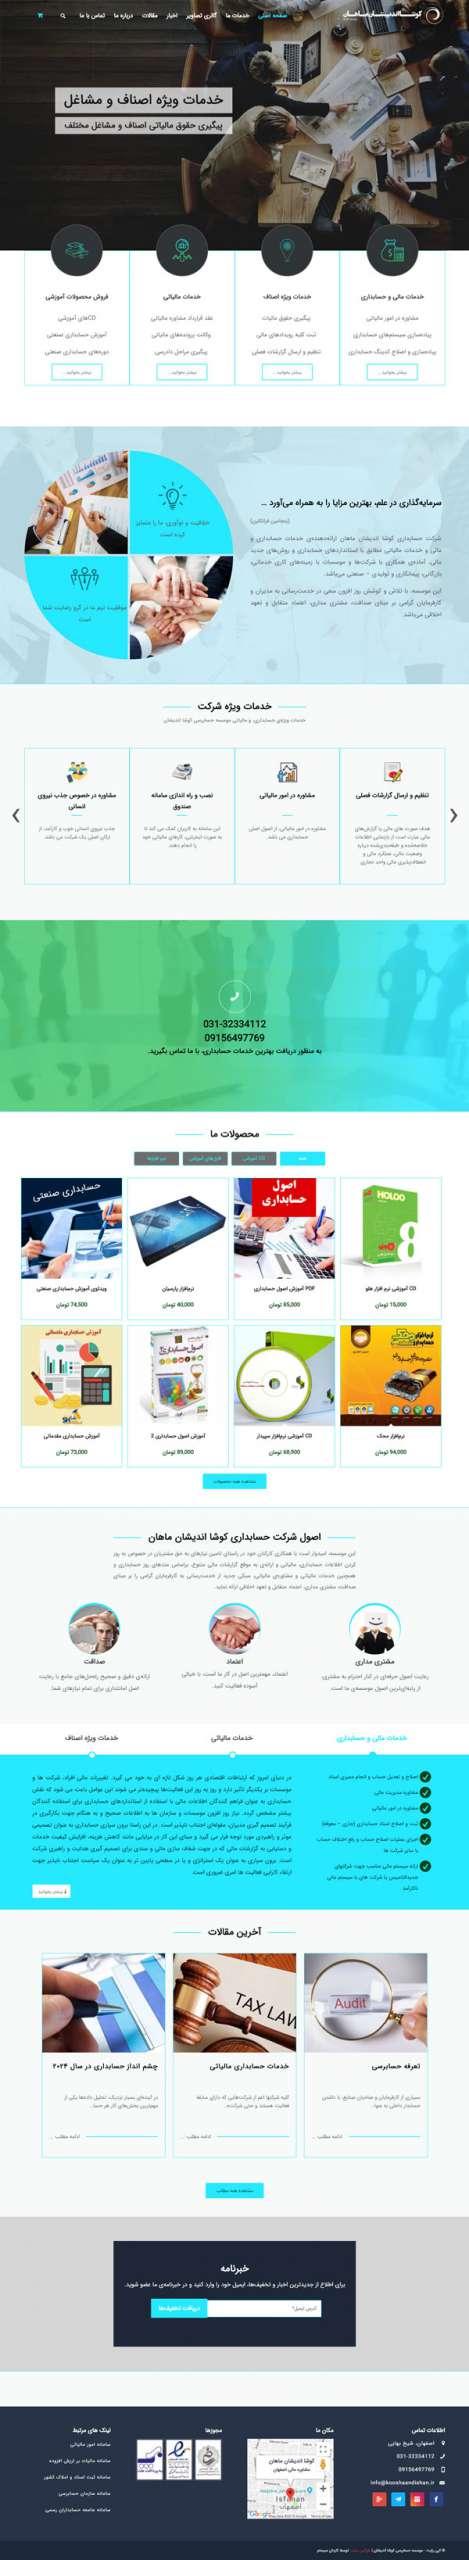 طراحی سایت کوشا اندیشان | خدمات مالی و مالیاتی